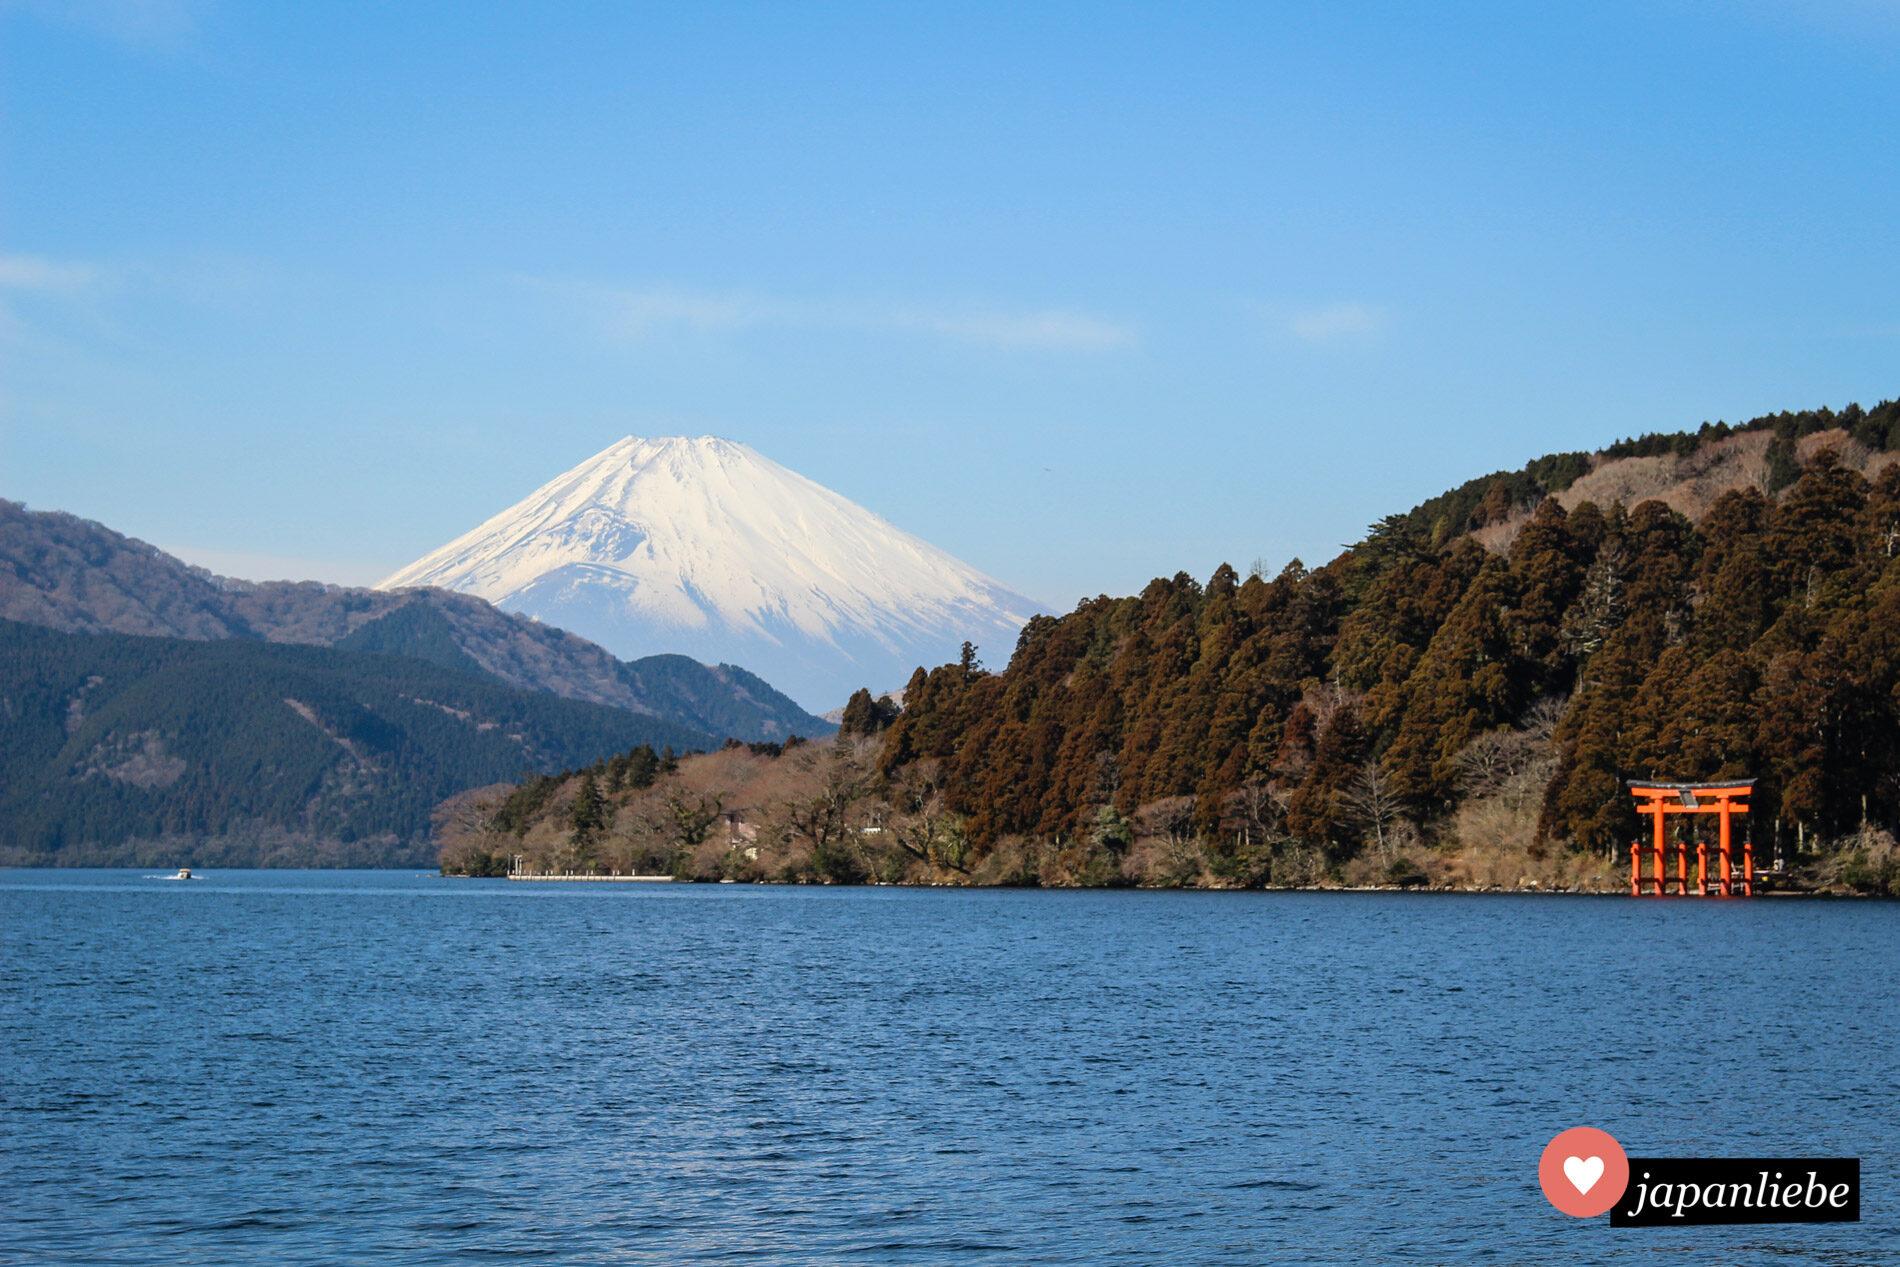 Japan in einem Bild: der Fuji und das rote torii des Hakone-Schreins am Ashi-See.